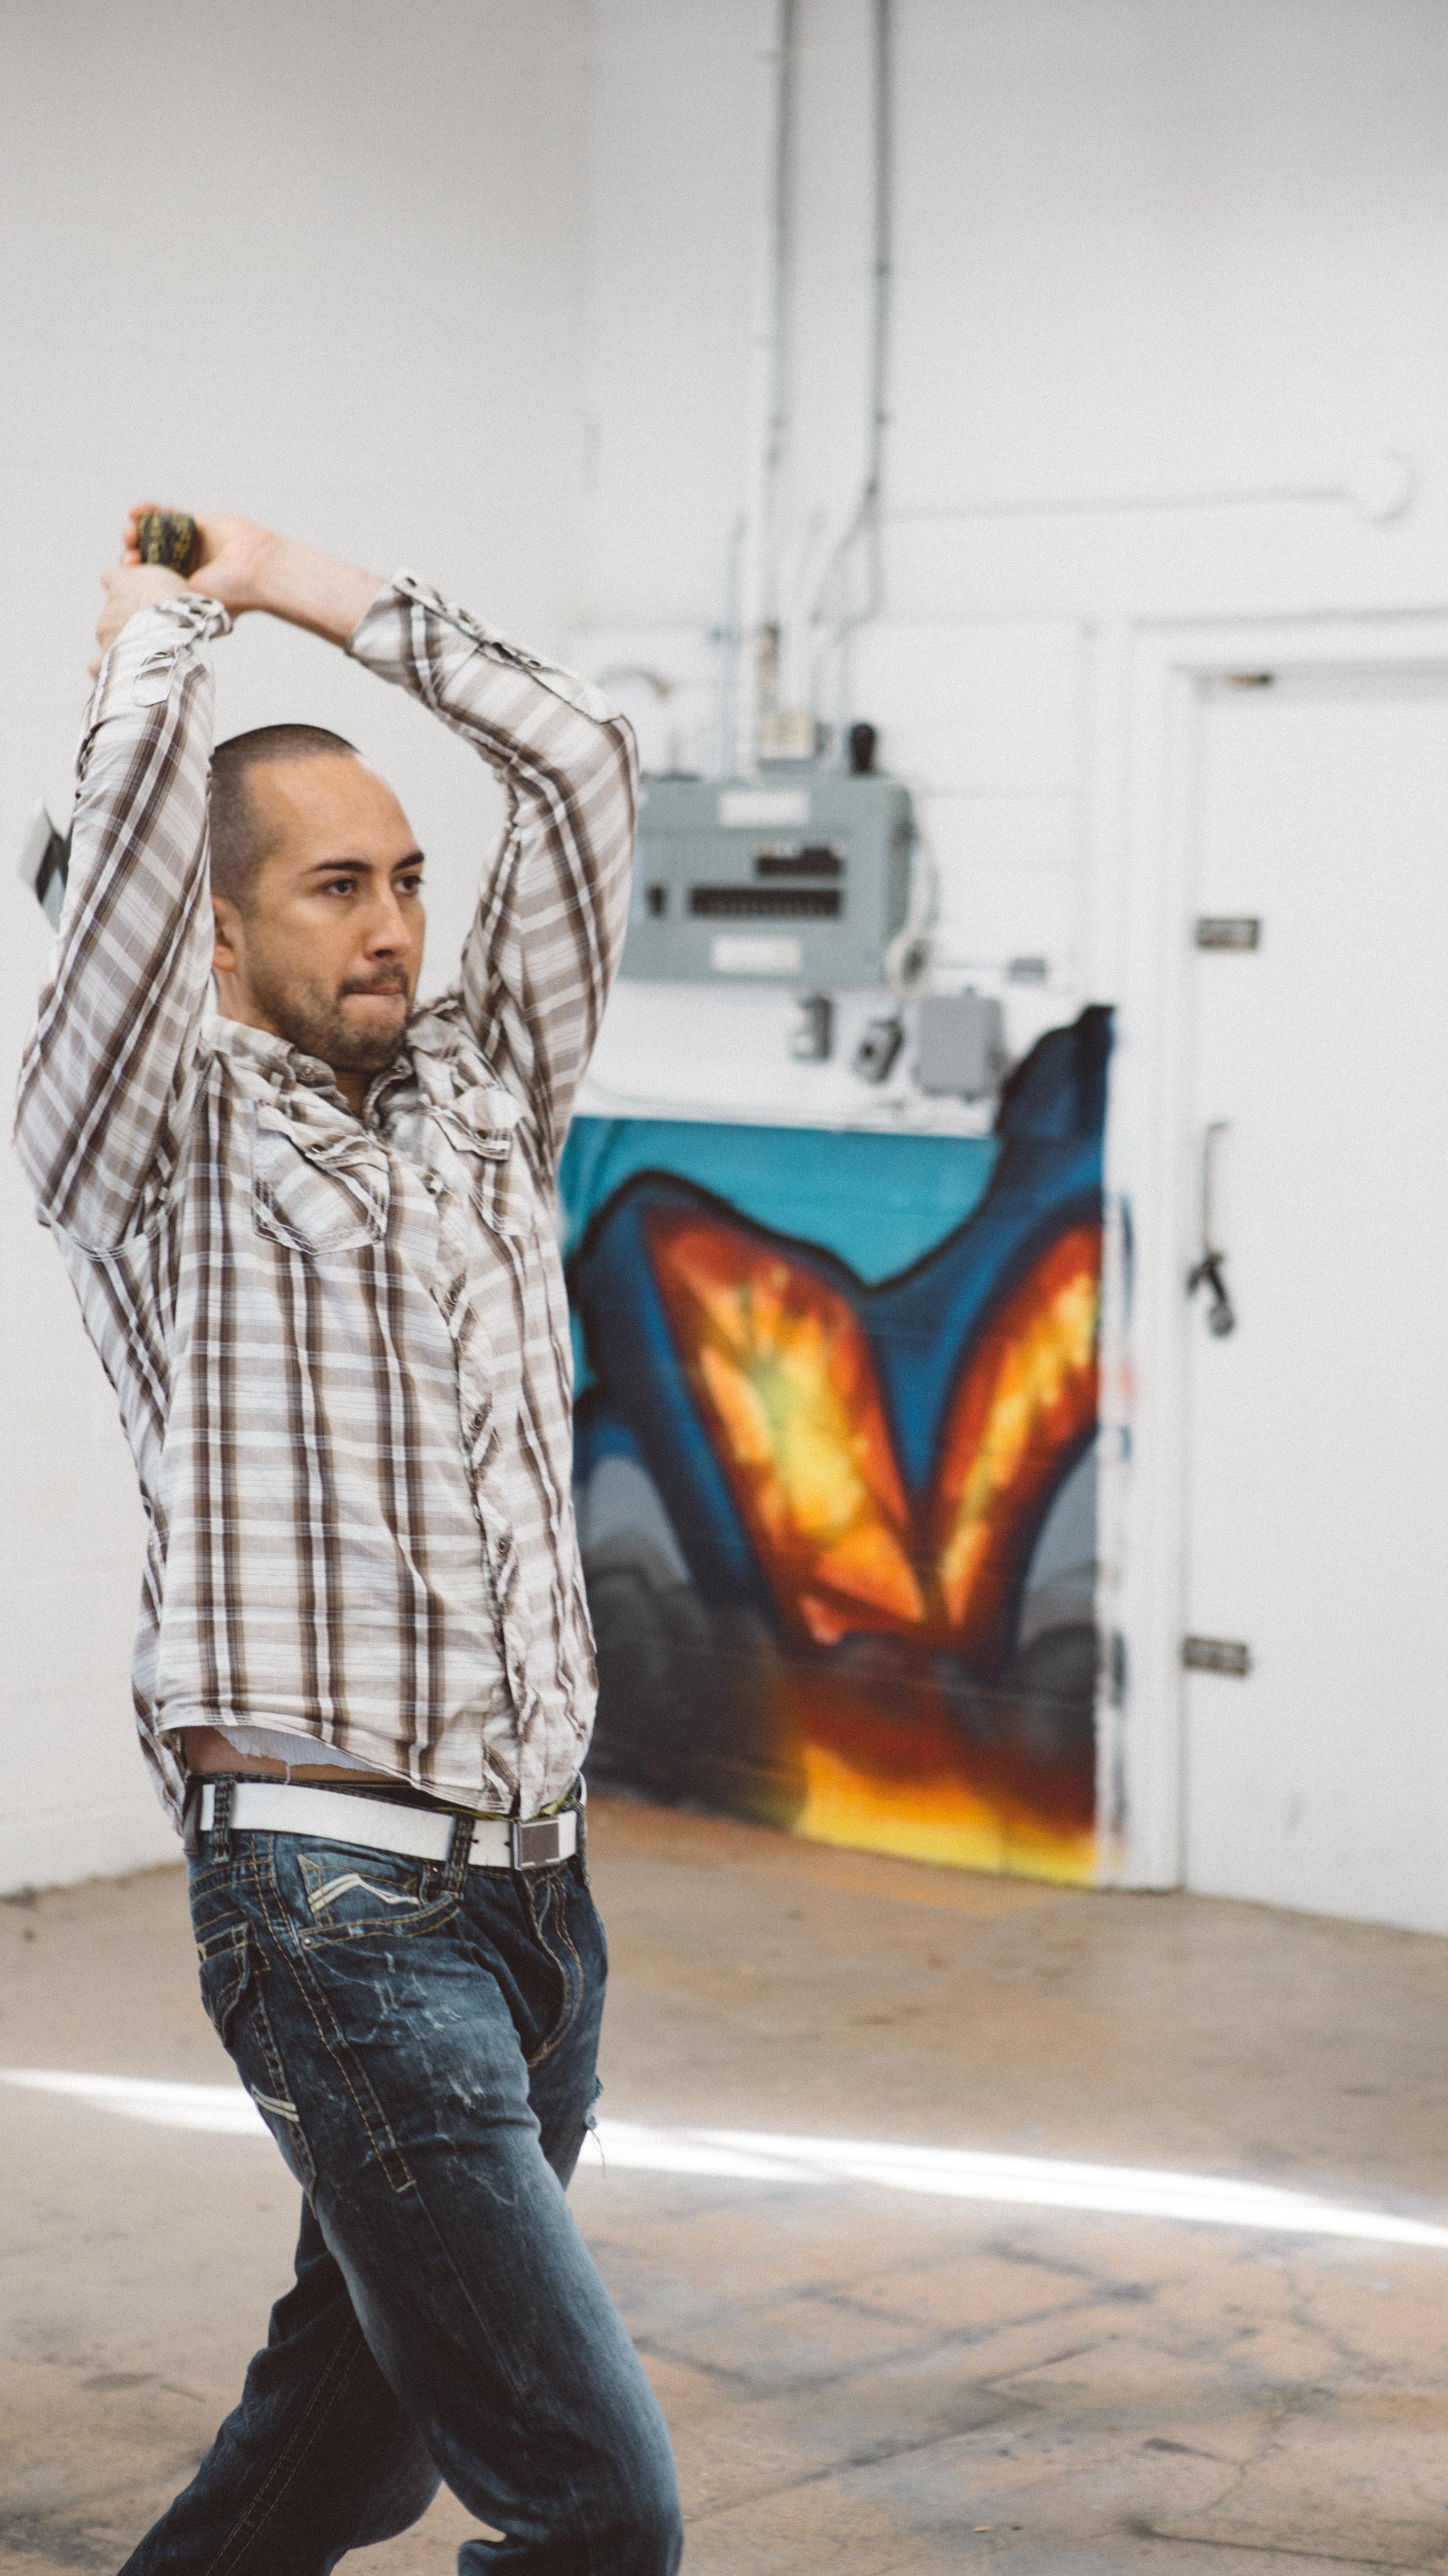 Mario Zelaya, the founder of Bad Axe Throwing